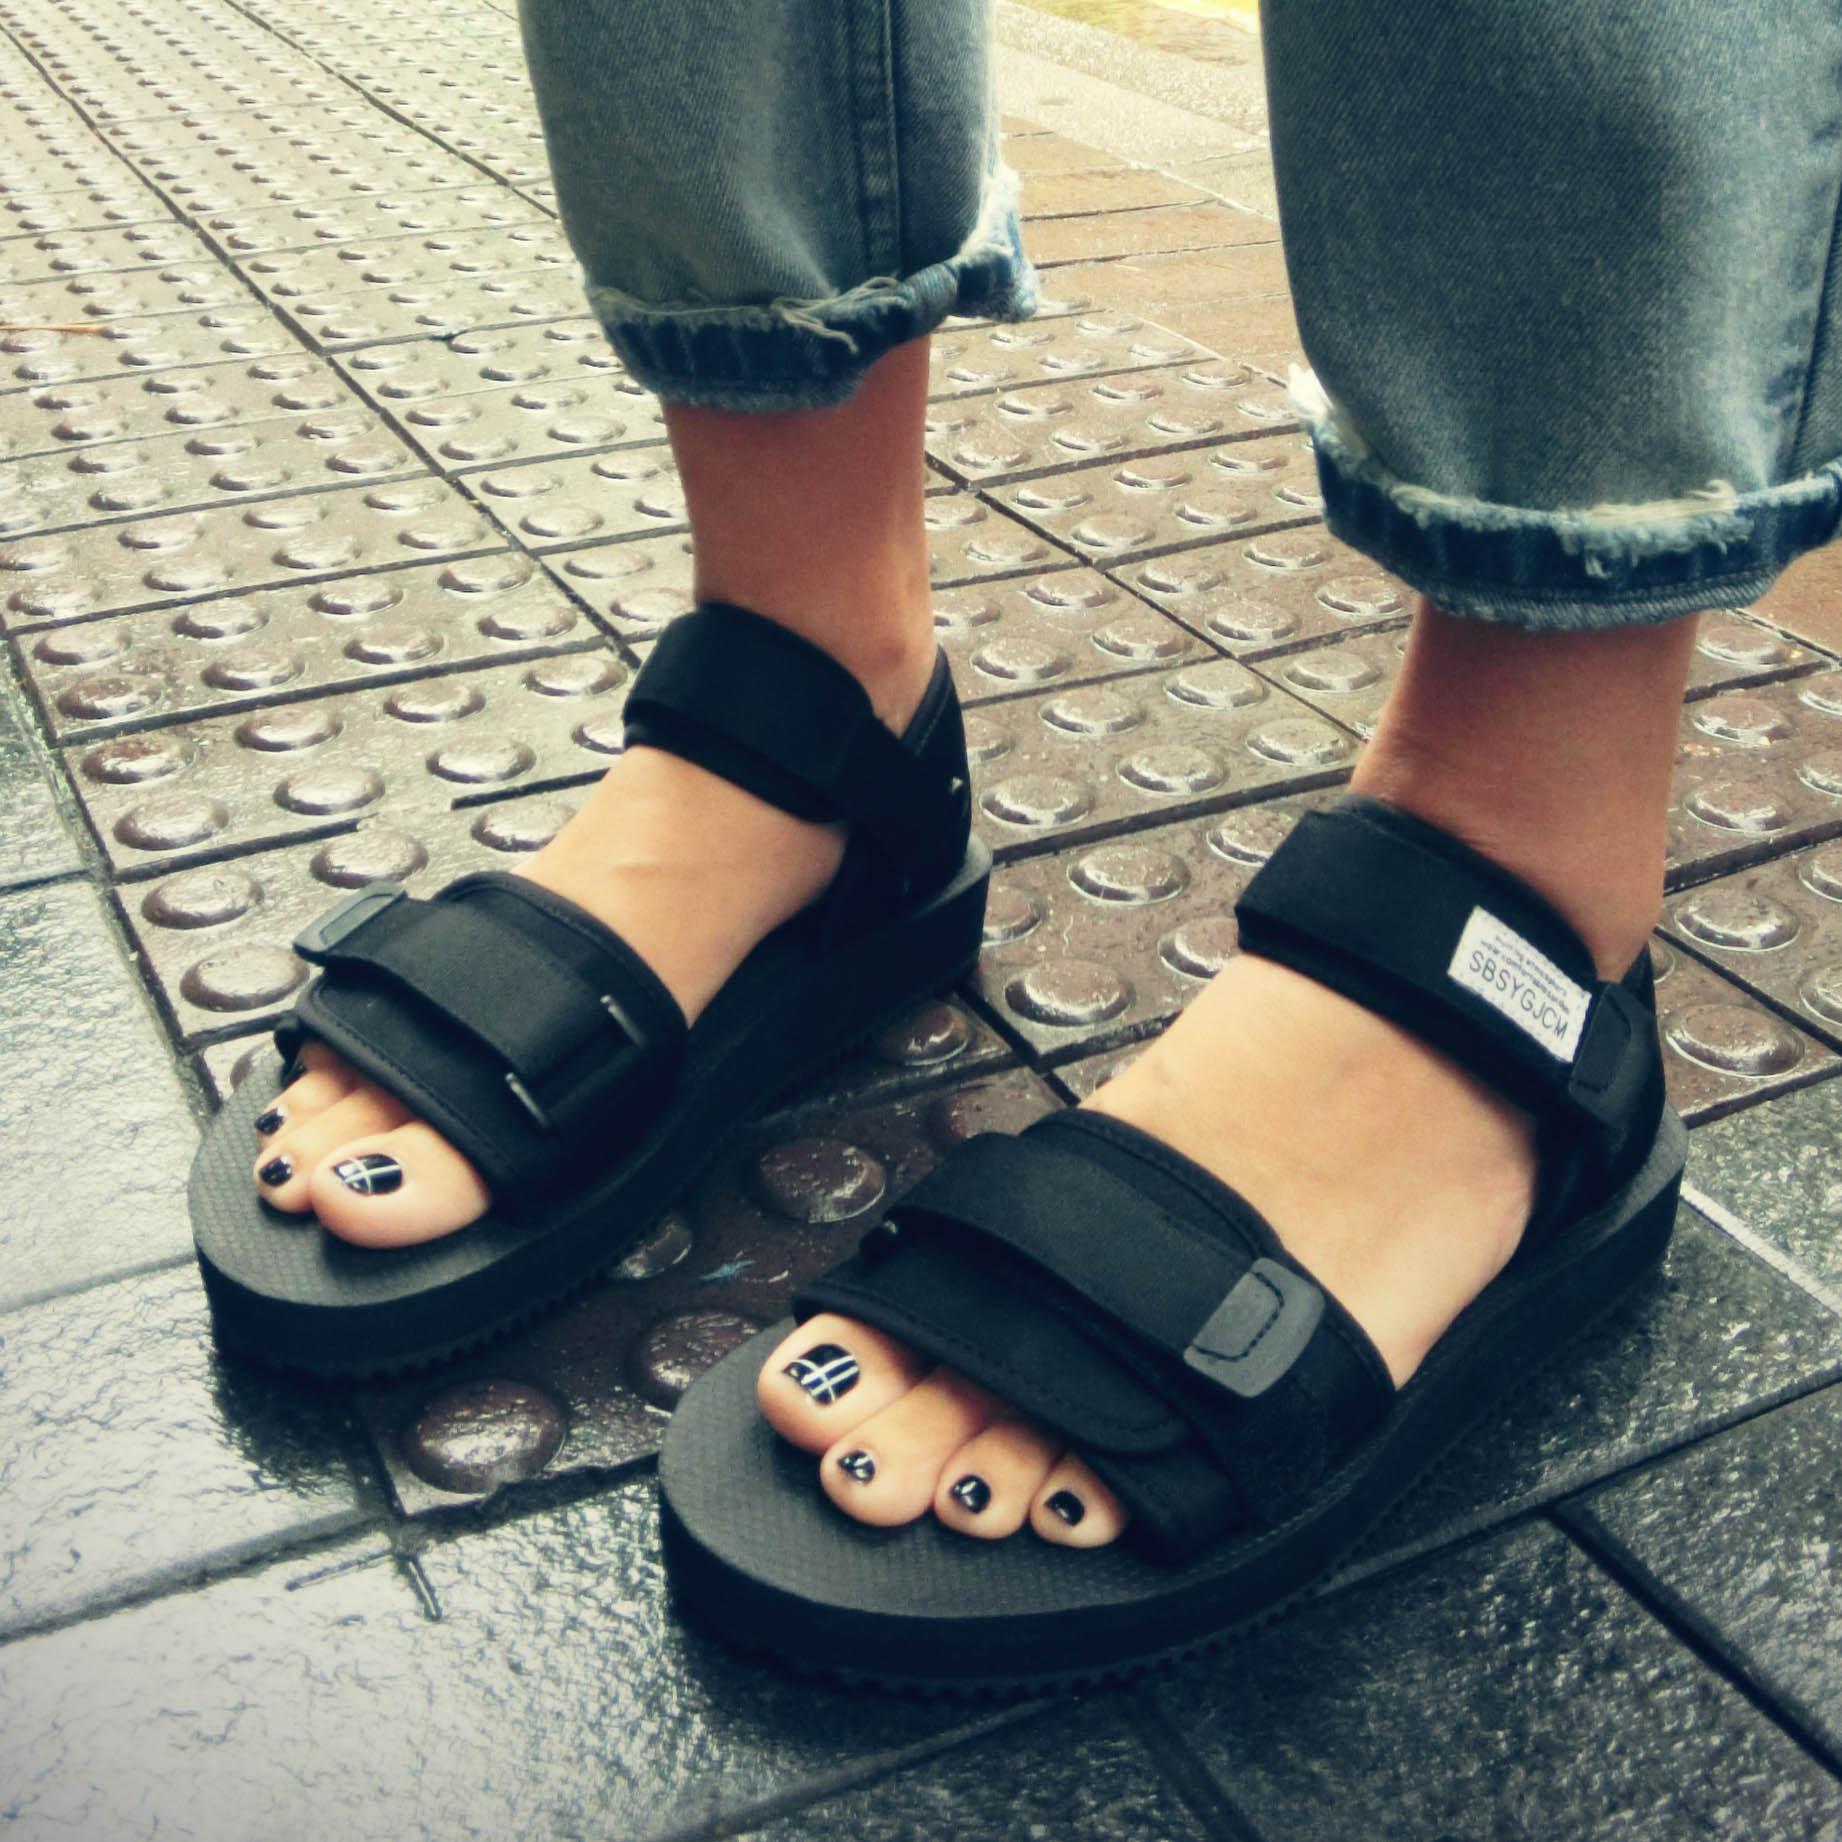 Пост римских Ветер женщина сандалии пара пляжная обувь для мужчин и женщин в Гонконге во Вьетнам сказать Спорт летом Harajuku корейской версии